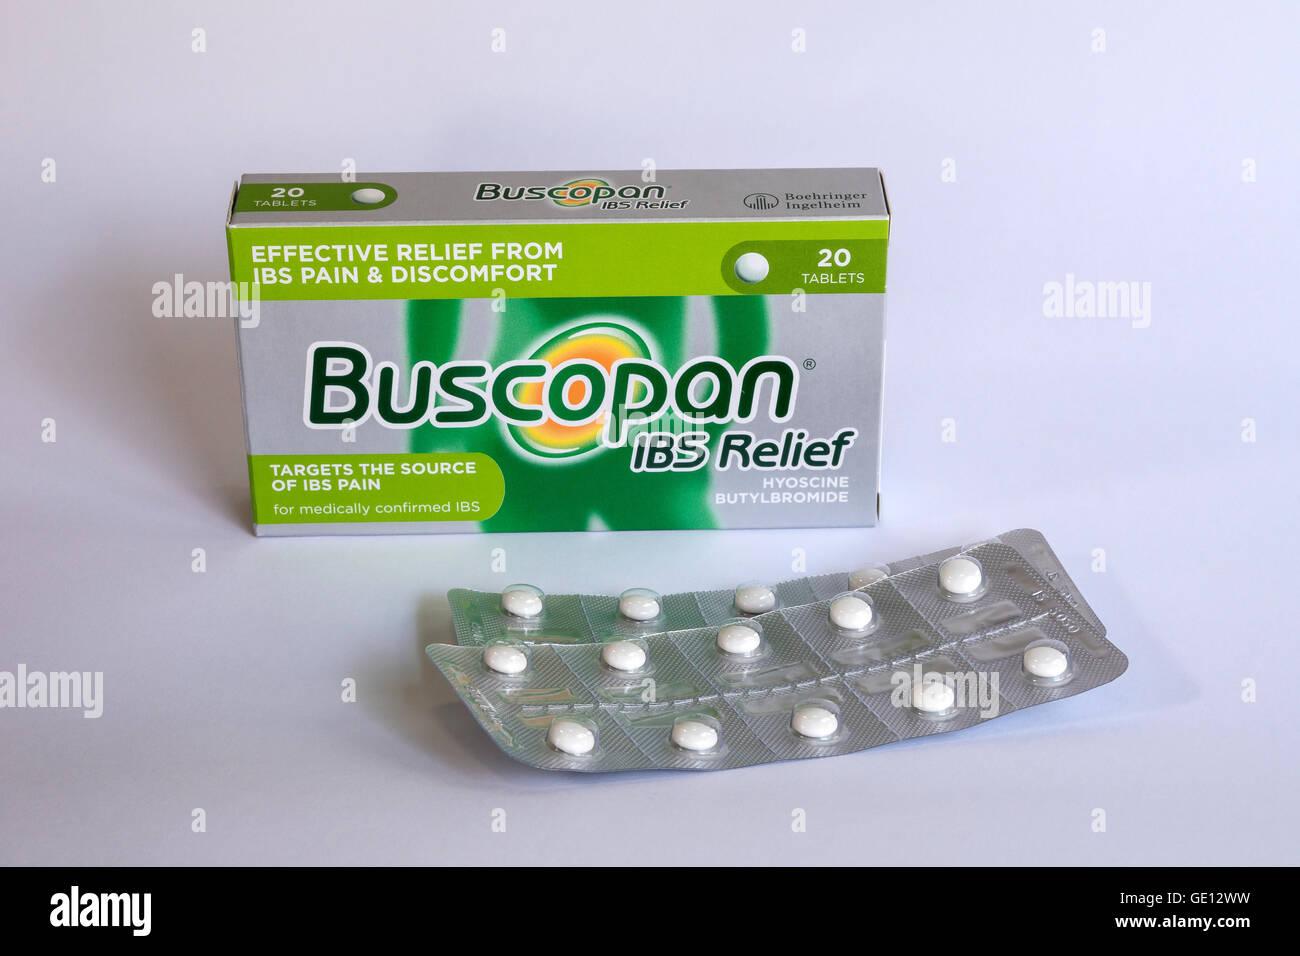 buscopan ibs relief instructions